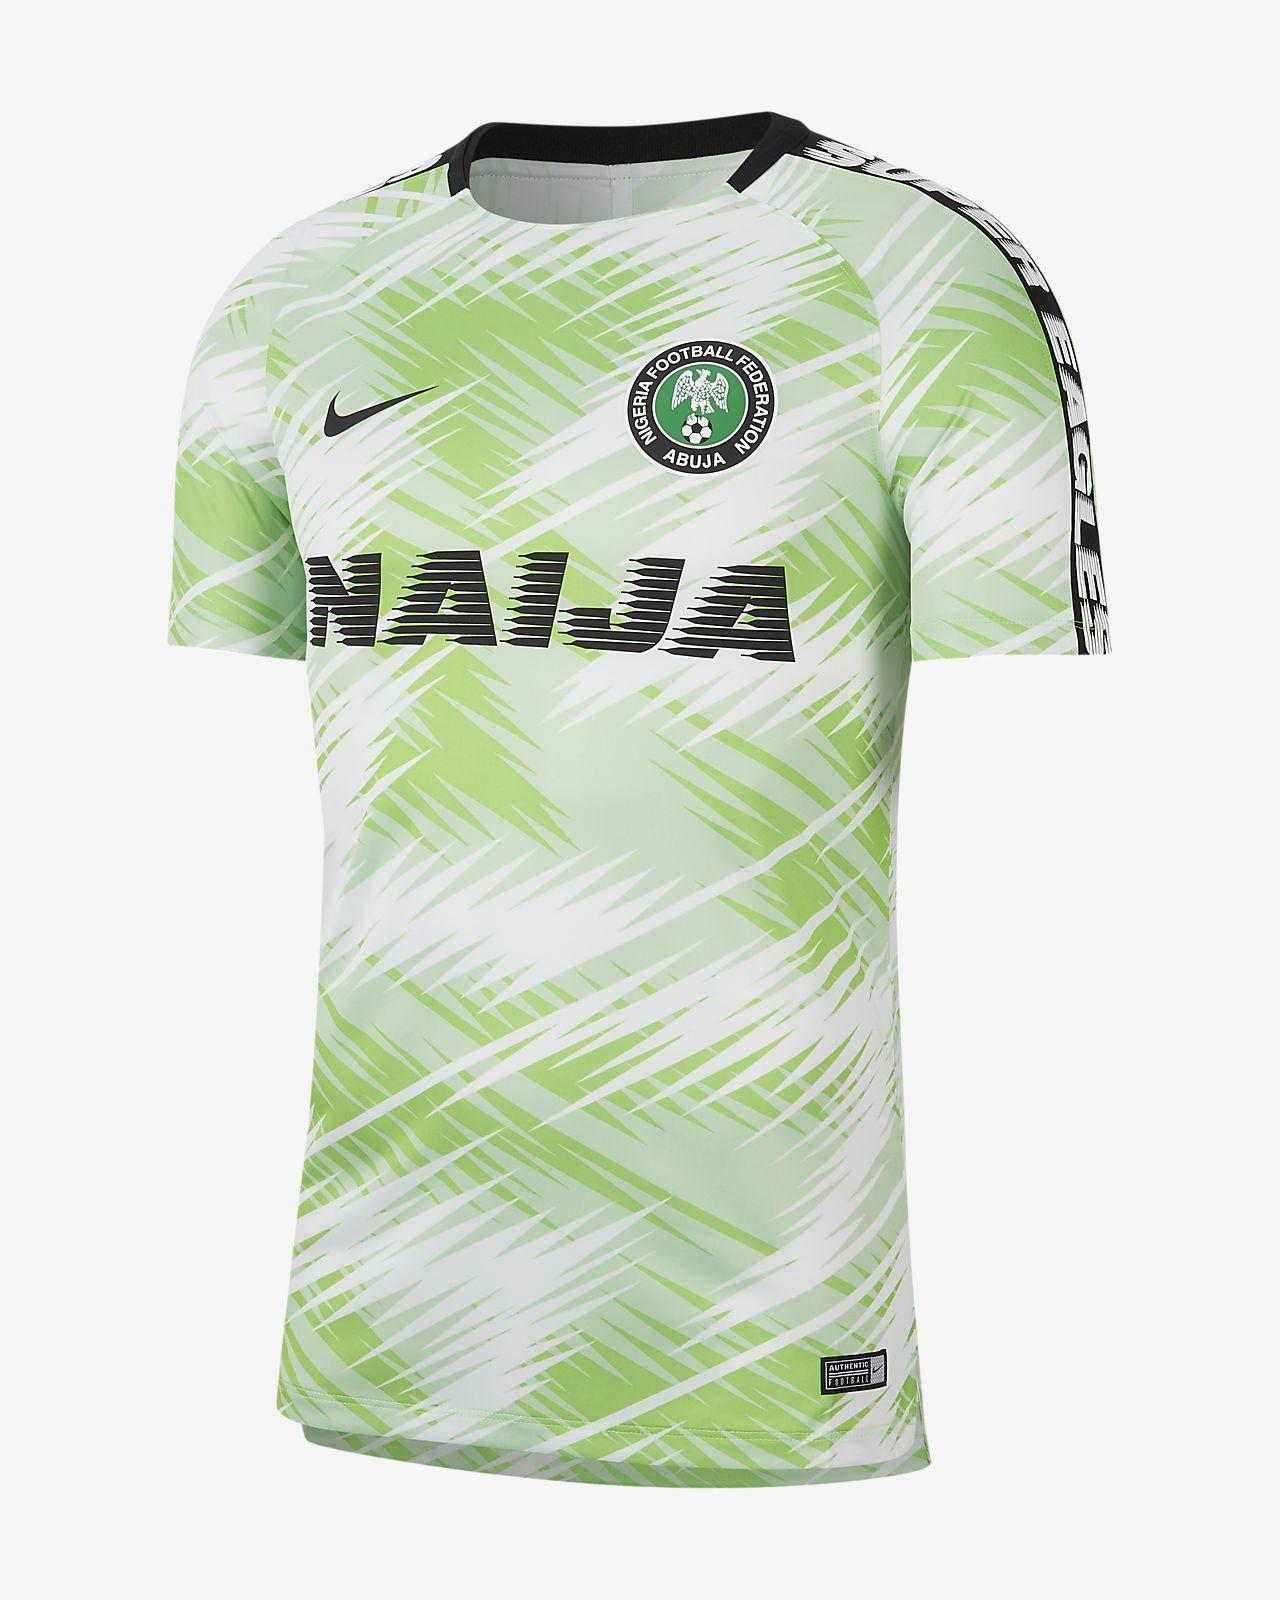 wholesale dealer a6d4e f5a4a Nigeria Squad Men's Football Top